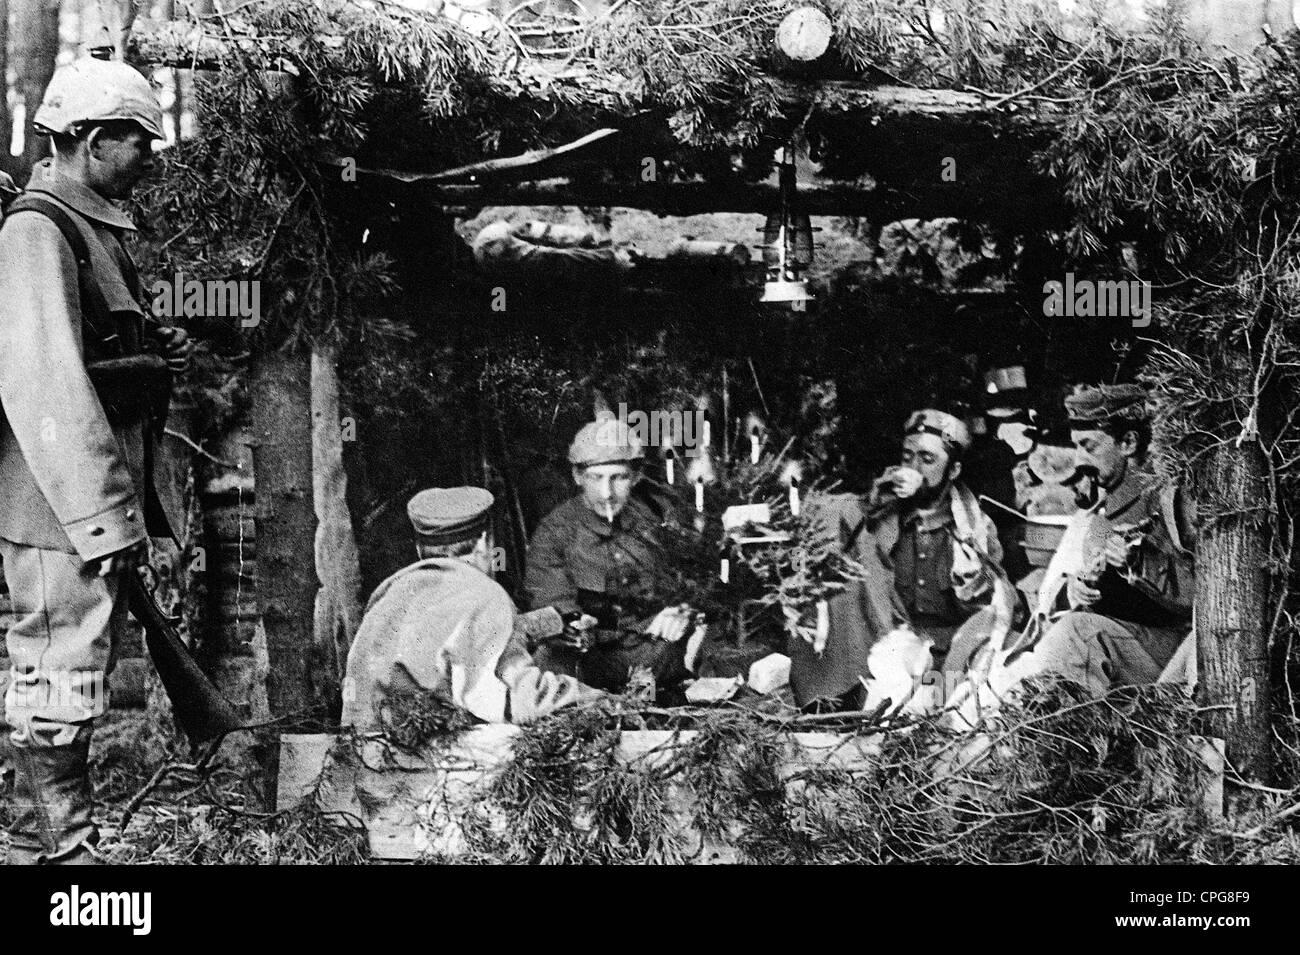 Weihnachten, Deutsche Soldaten Weihnachten feiern in Ihrem Tierheim ...